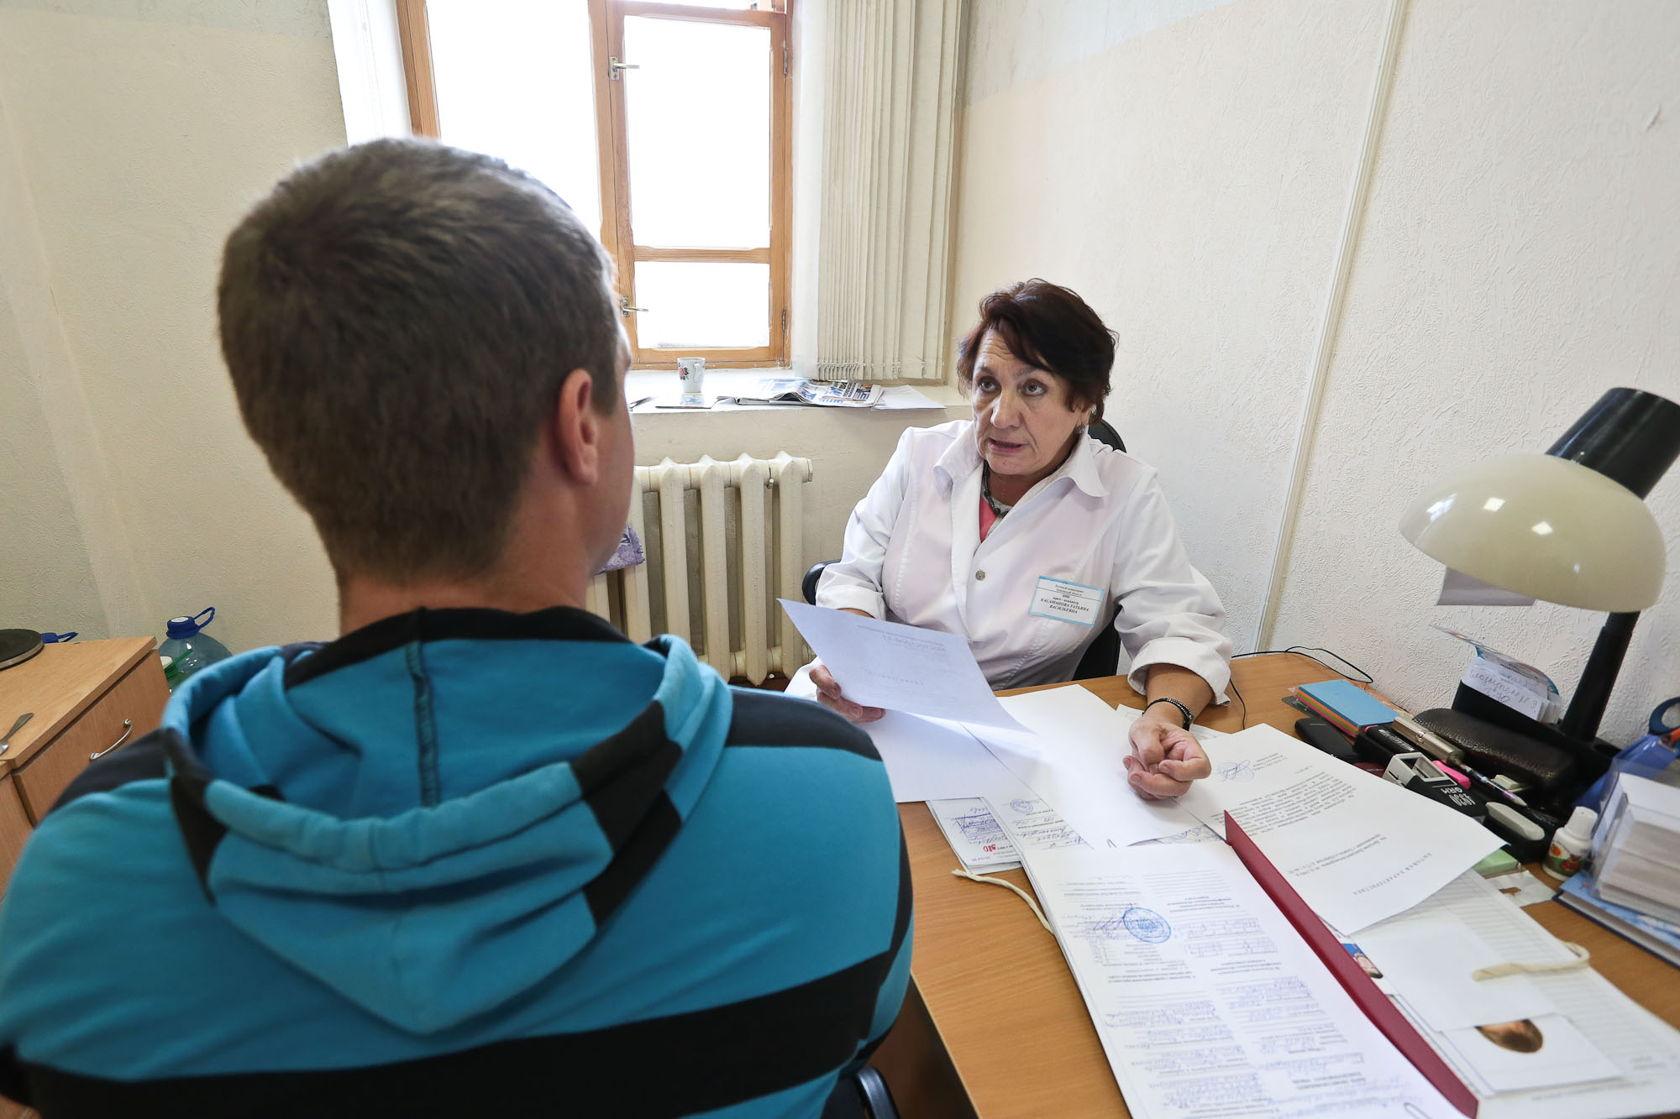 Порядок проведения контрольного медицинского освидетельствования